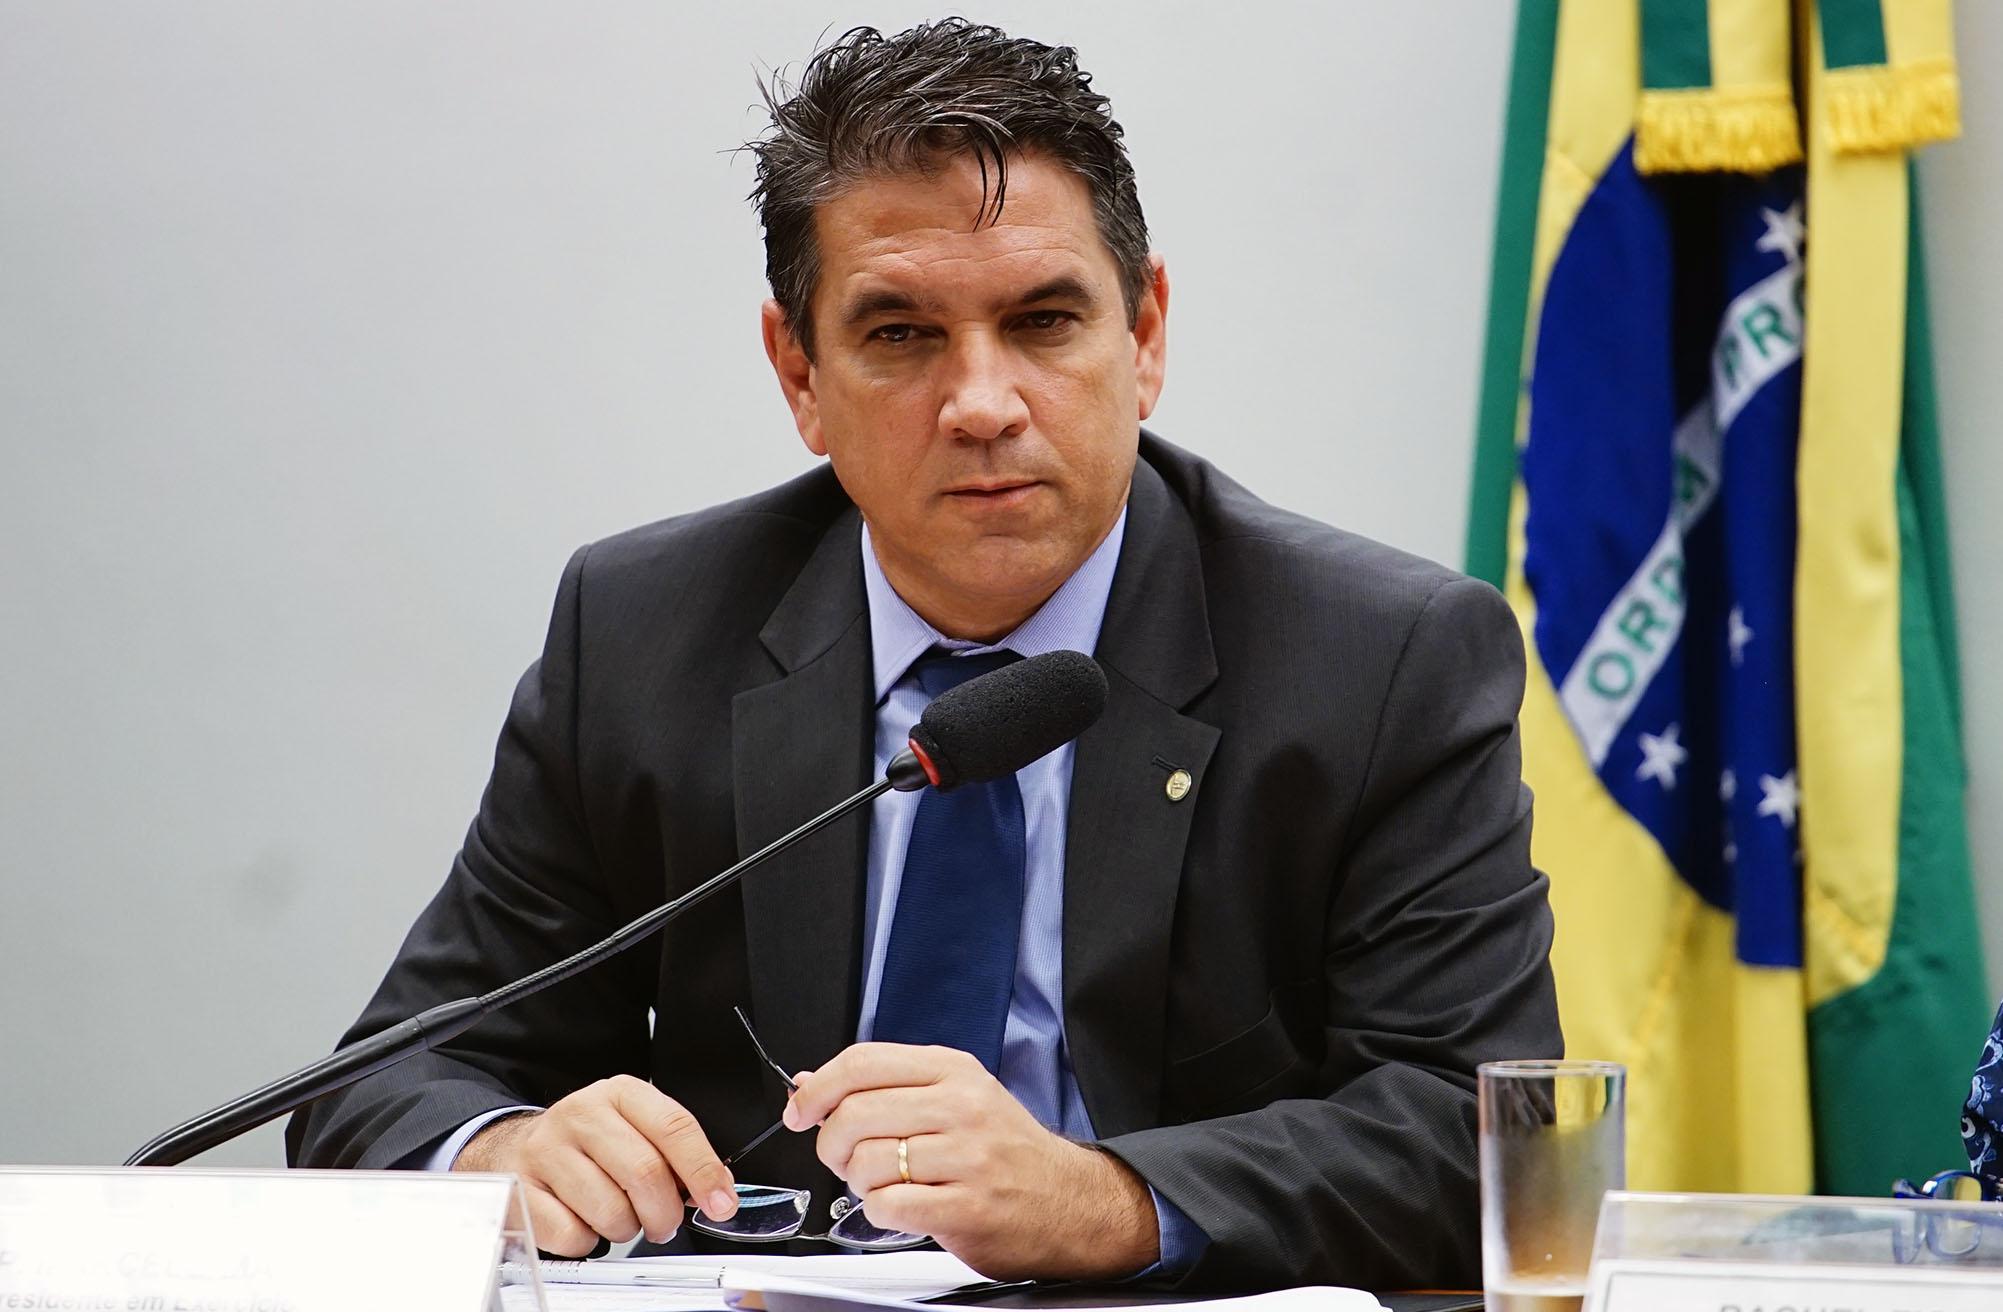 Audiência Pública e Reunião Ordinária. Dep. Marcelo Matos (PHS - RJ)